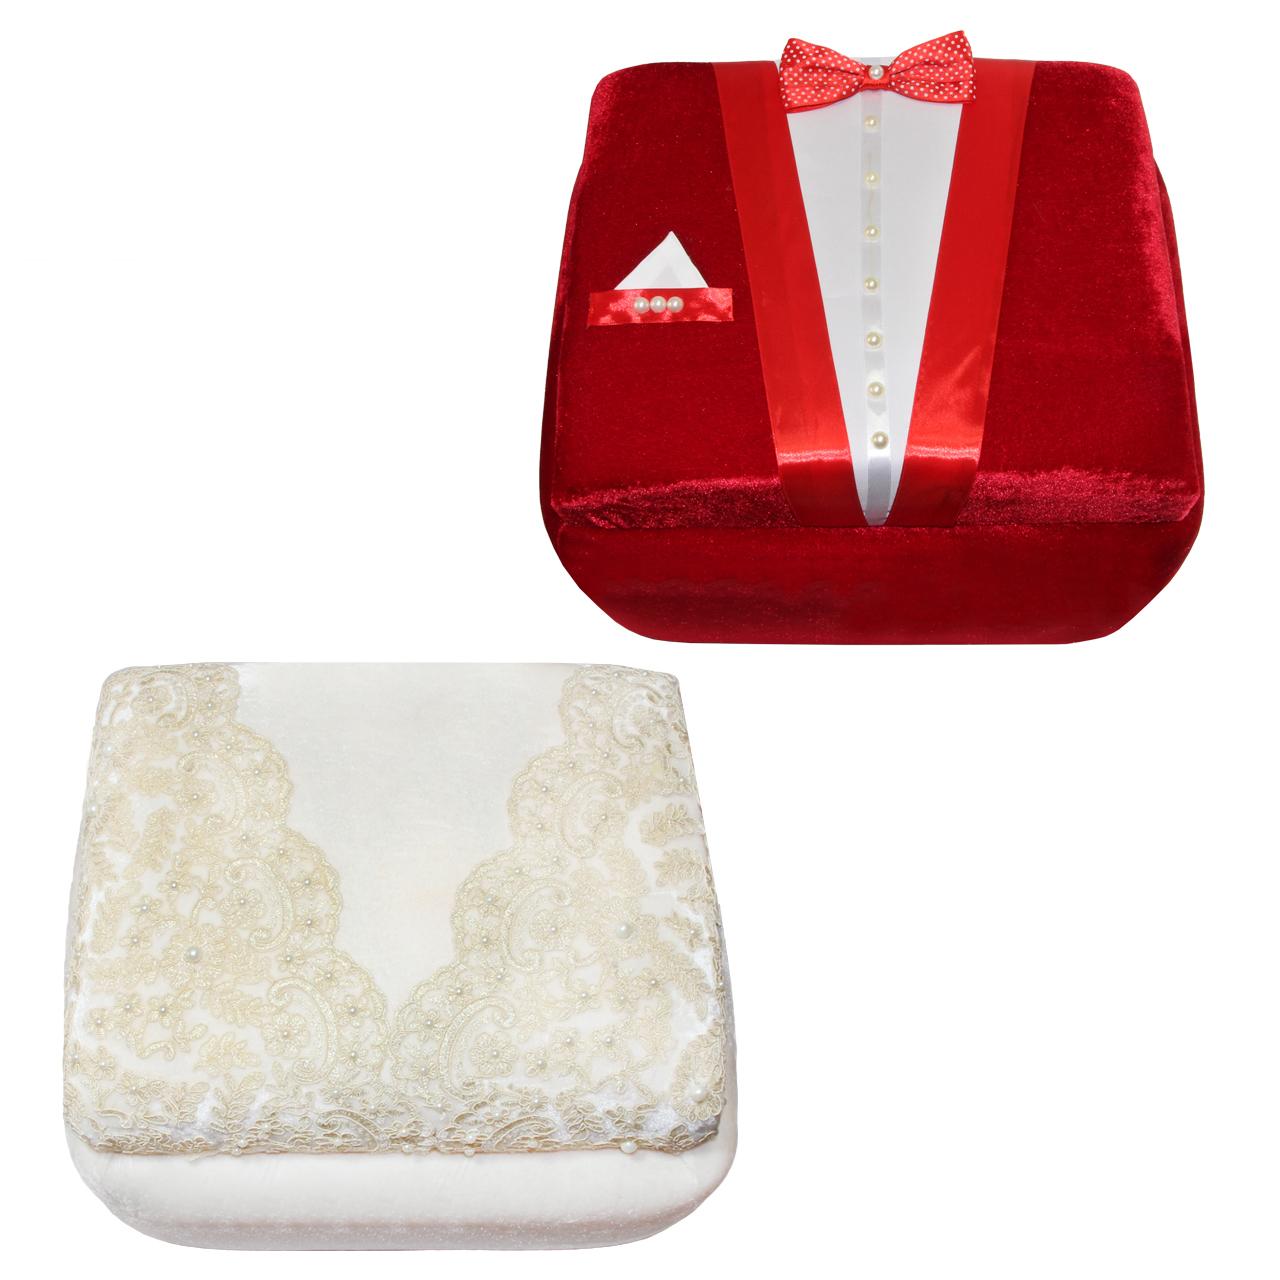 عکس جعبه هدیه طرح عروس و داماد مدل B124 بسته 2 عددی